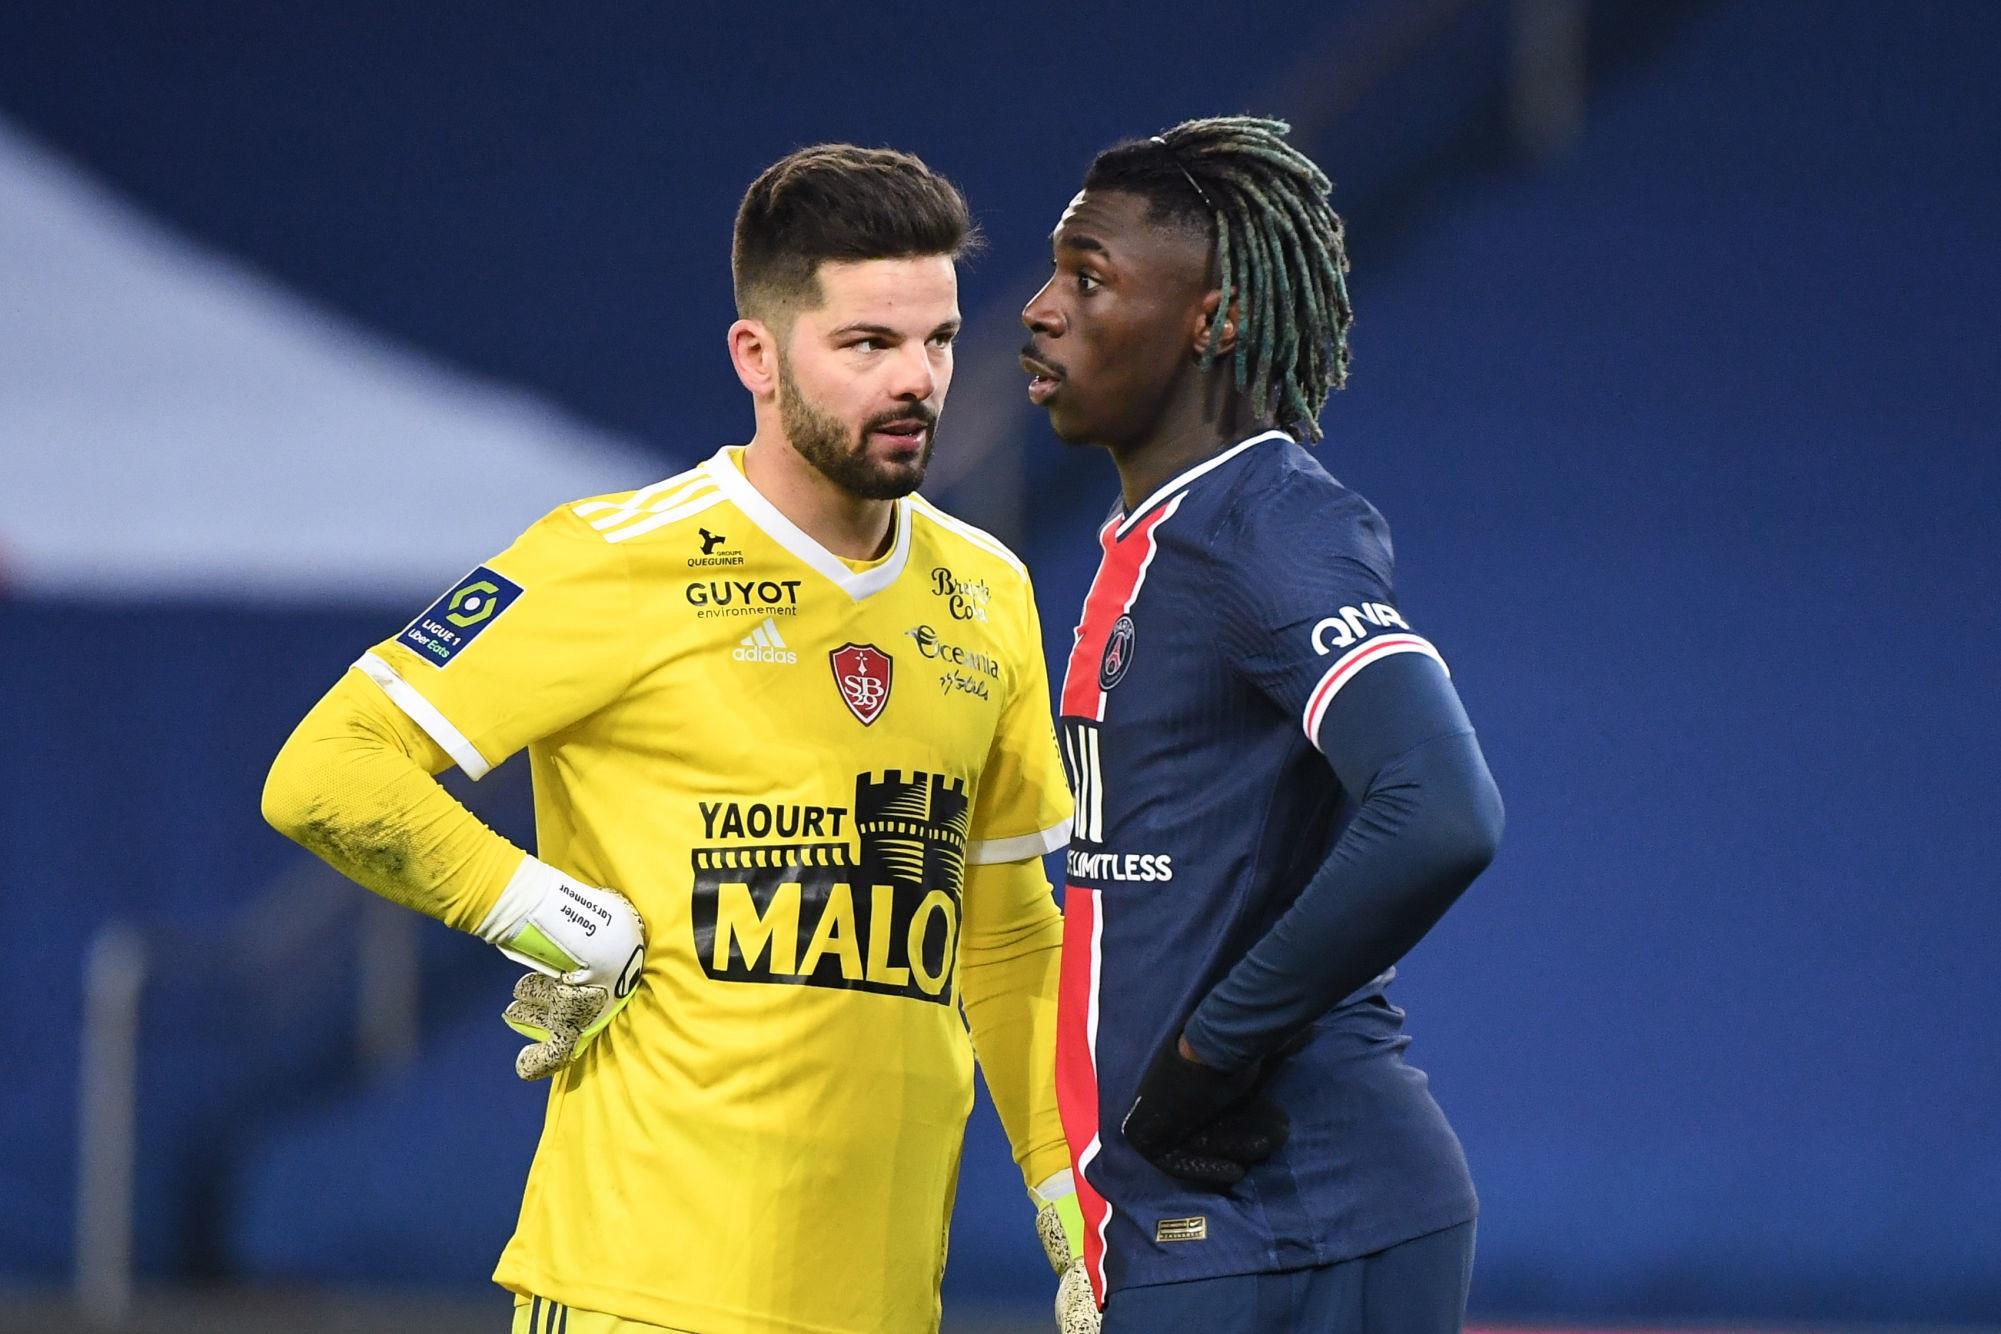 """PSG/Brest - Larsonneur retient """"On a montré qu'on peut tenir tête au PSG sans mettre un bloc bas"""""""